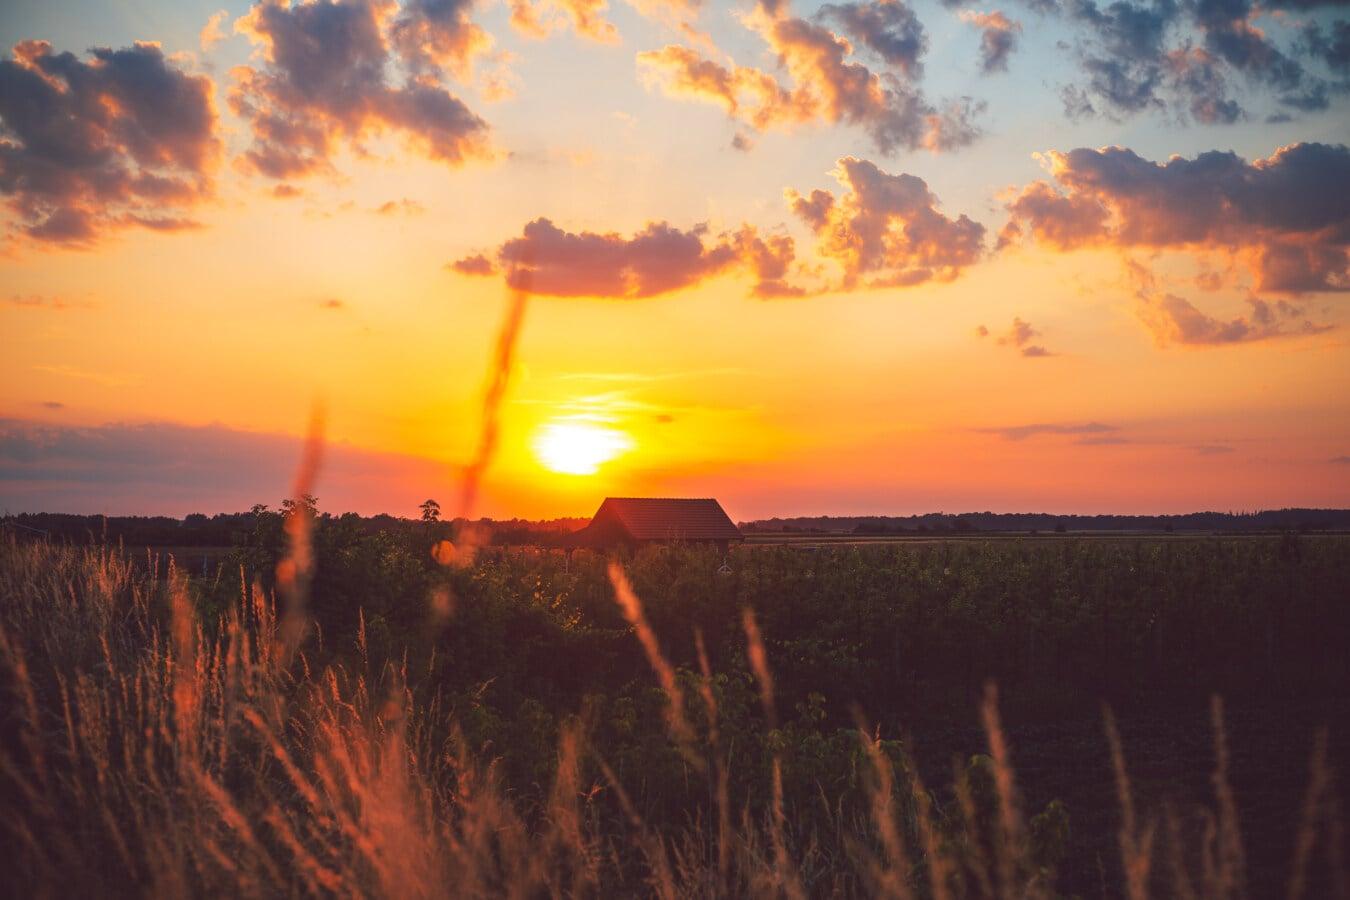 çiftlik, tarım arazisi, günbatımı, meyve bahçesi, Tarım, cennet gibi, görkemli, manzara, gündoğumu, Güneş